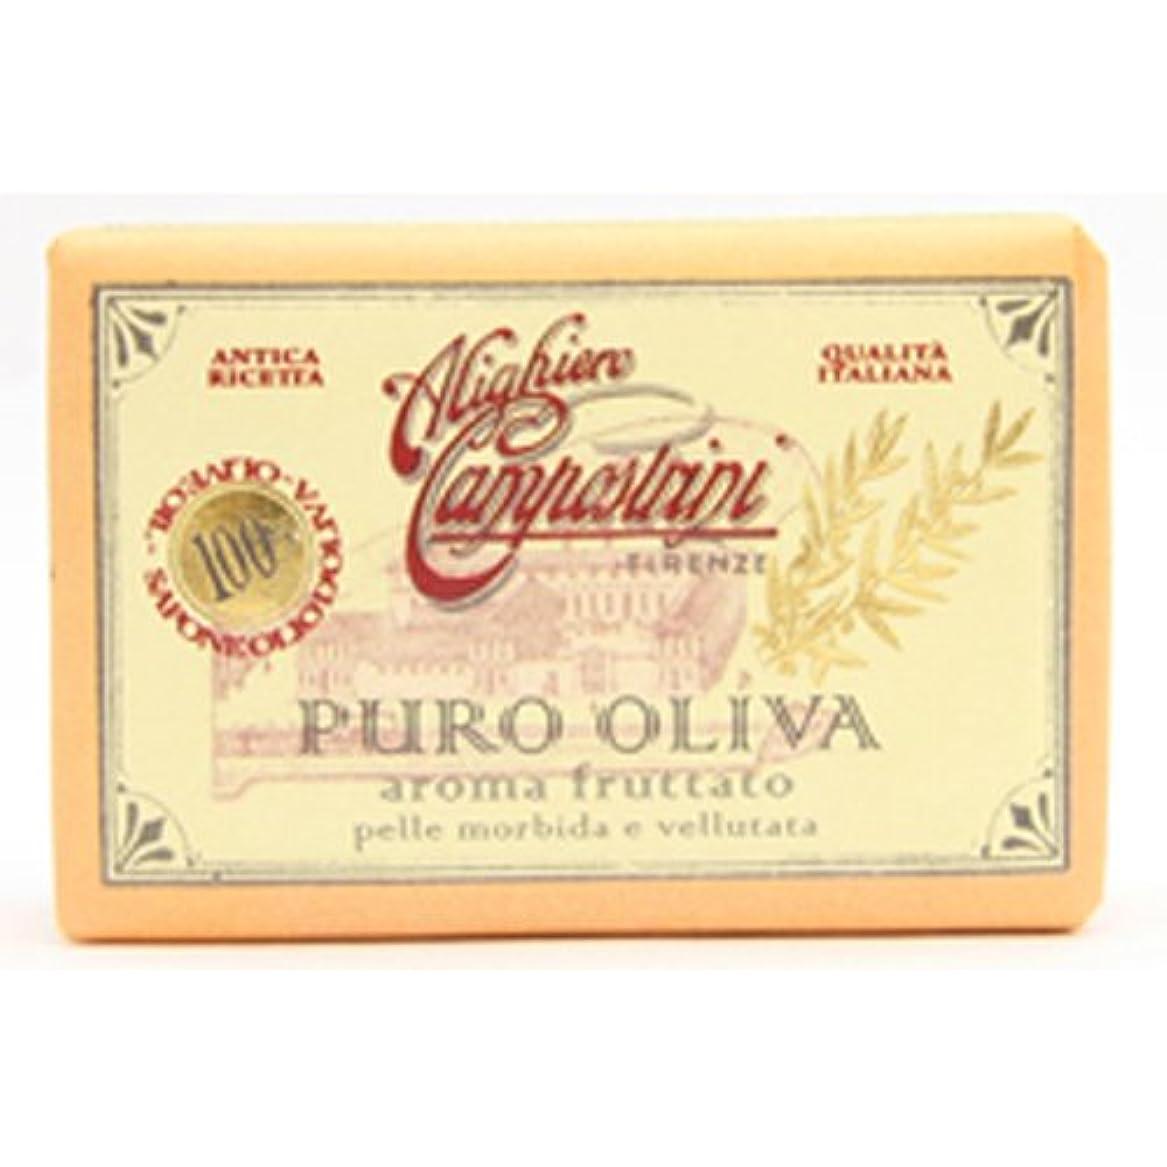 コモランマドナウ川レンダーSaponerire Fissi サポネリーフィッシー PURO OLIVA Soap オリーブオイル ピュロ ソープ Aroma fruttato フルーツ(オレンジ)